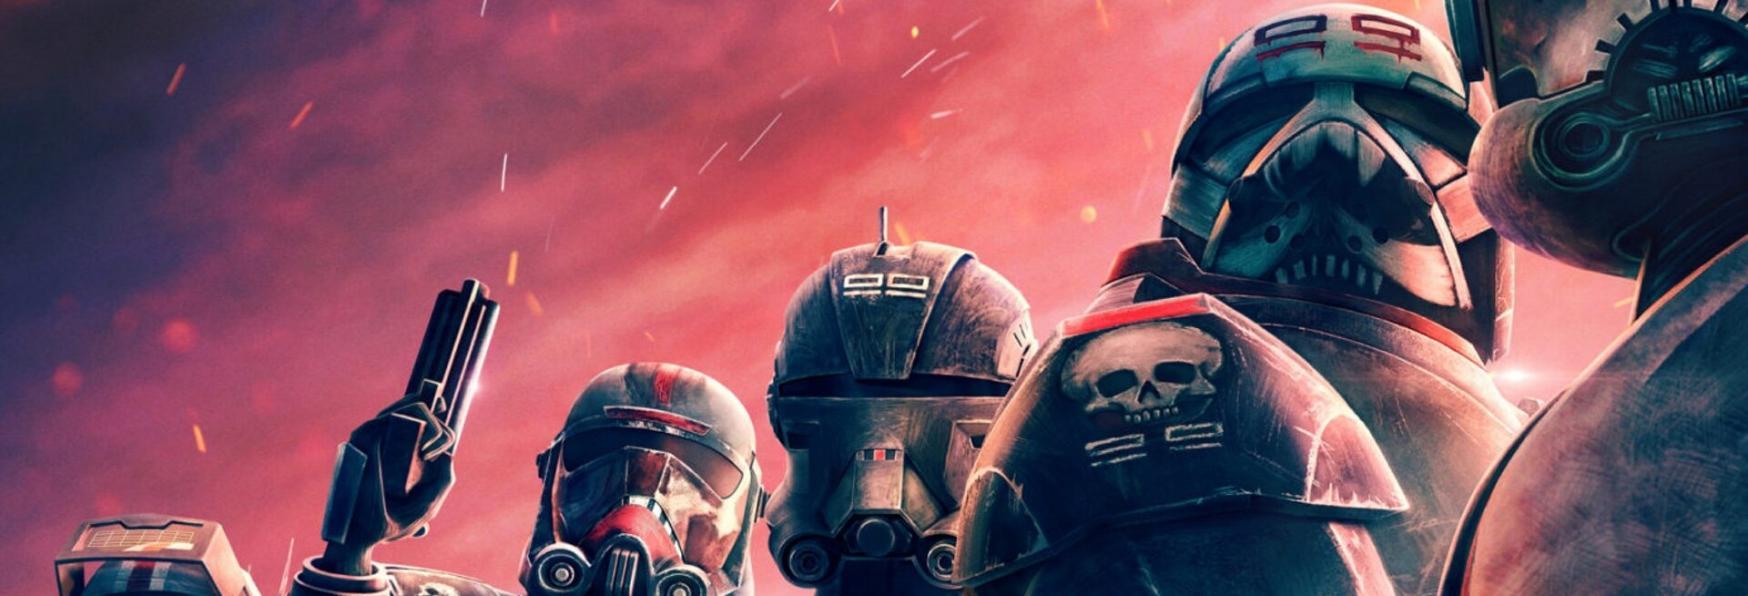 Star Wars: The Bad Batch - il Trailer conferma il Ritorno di alcuni Personaggi di Clone Wars